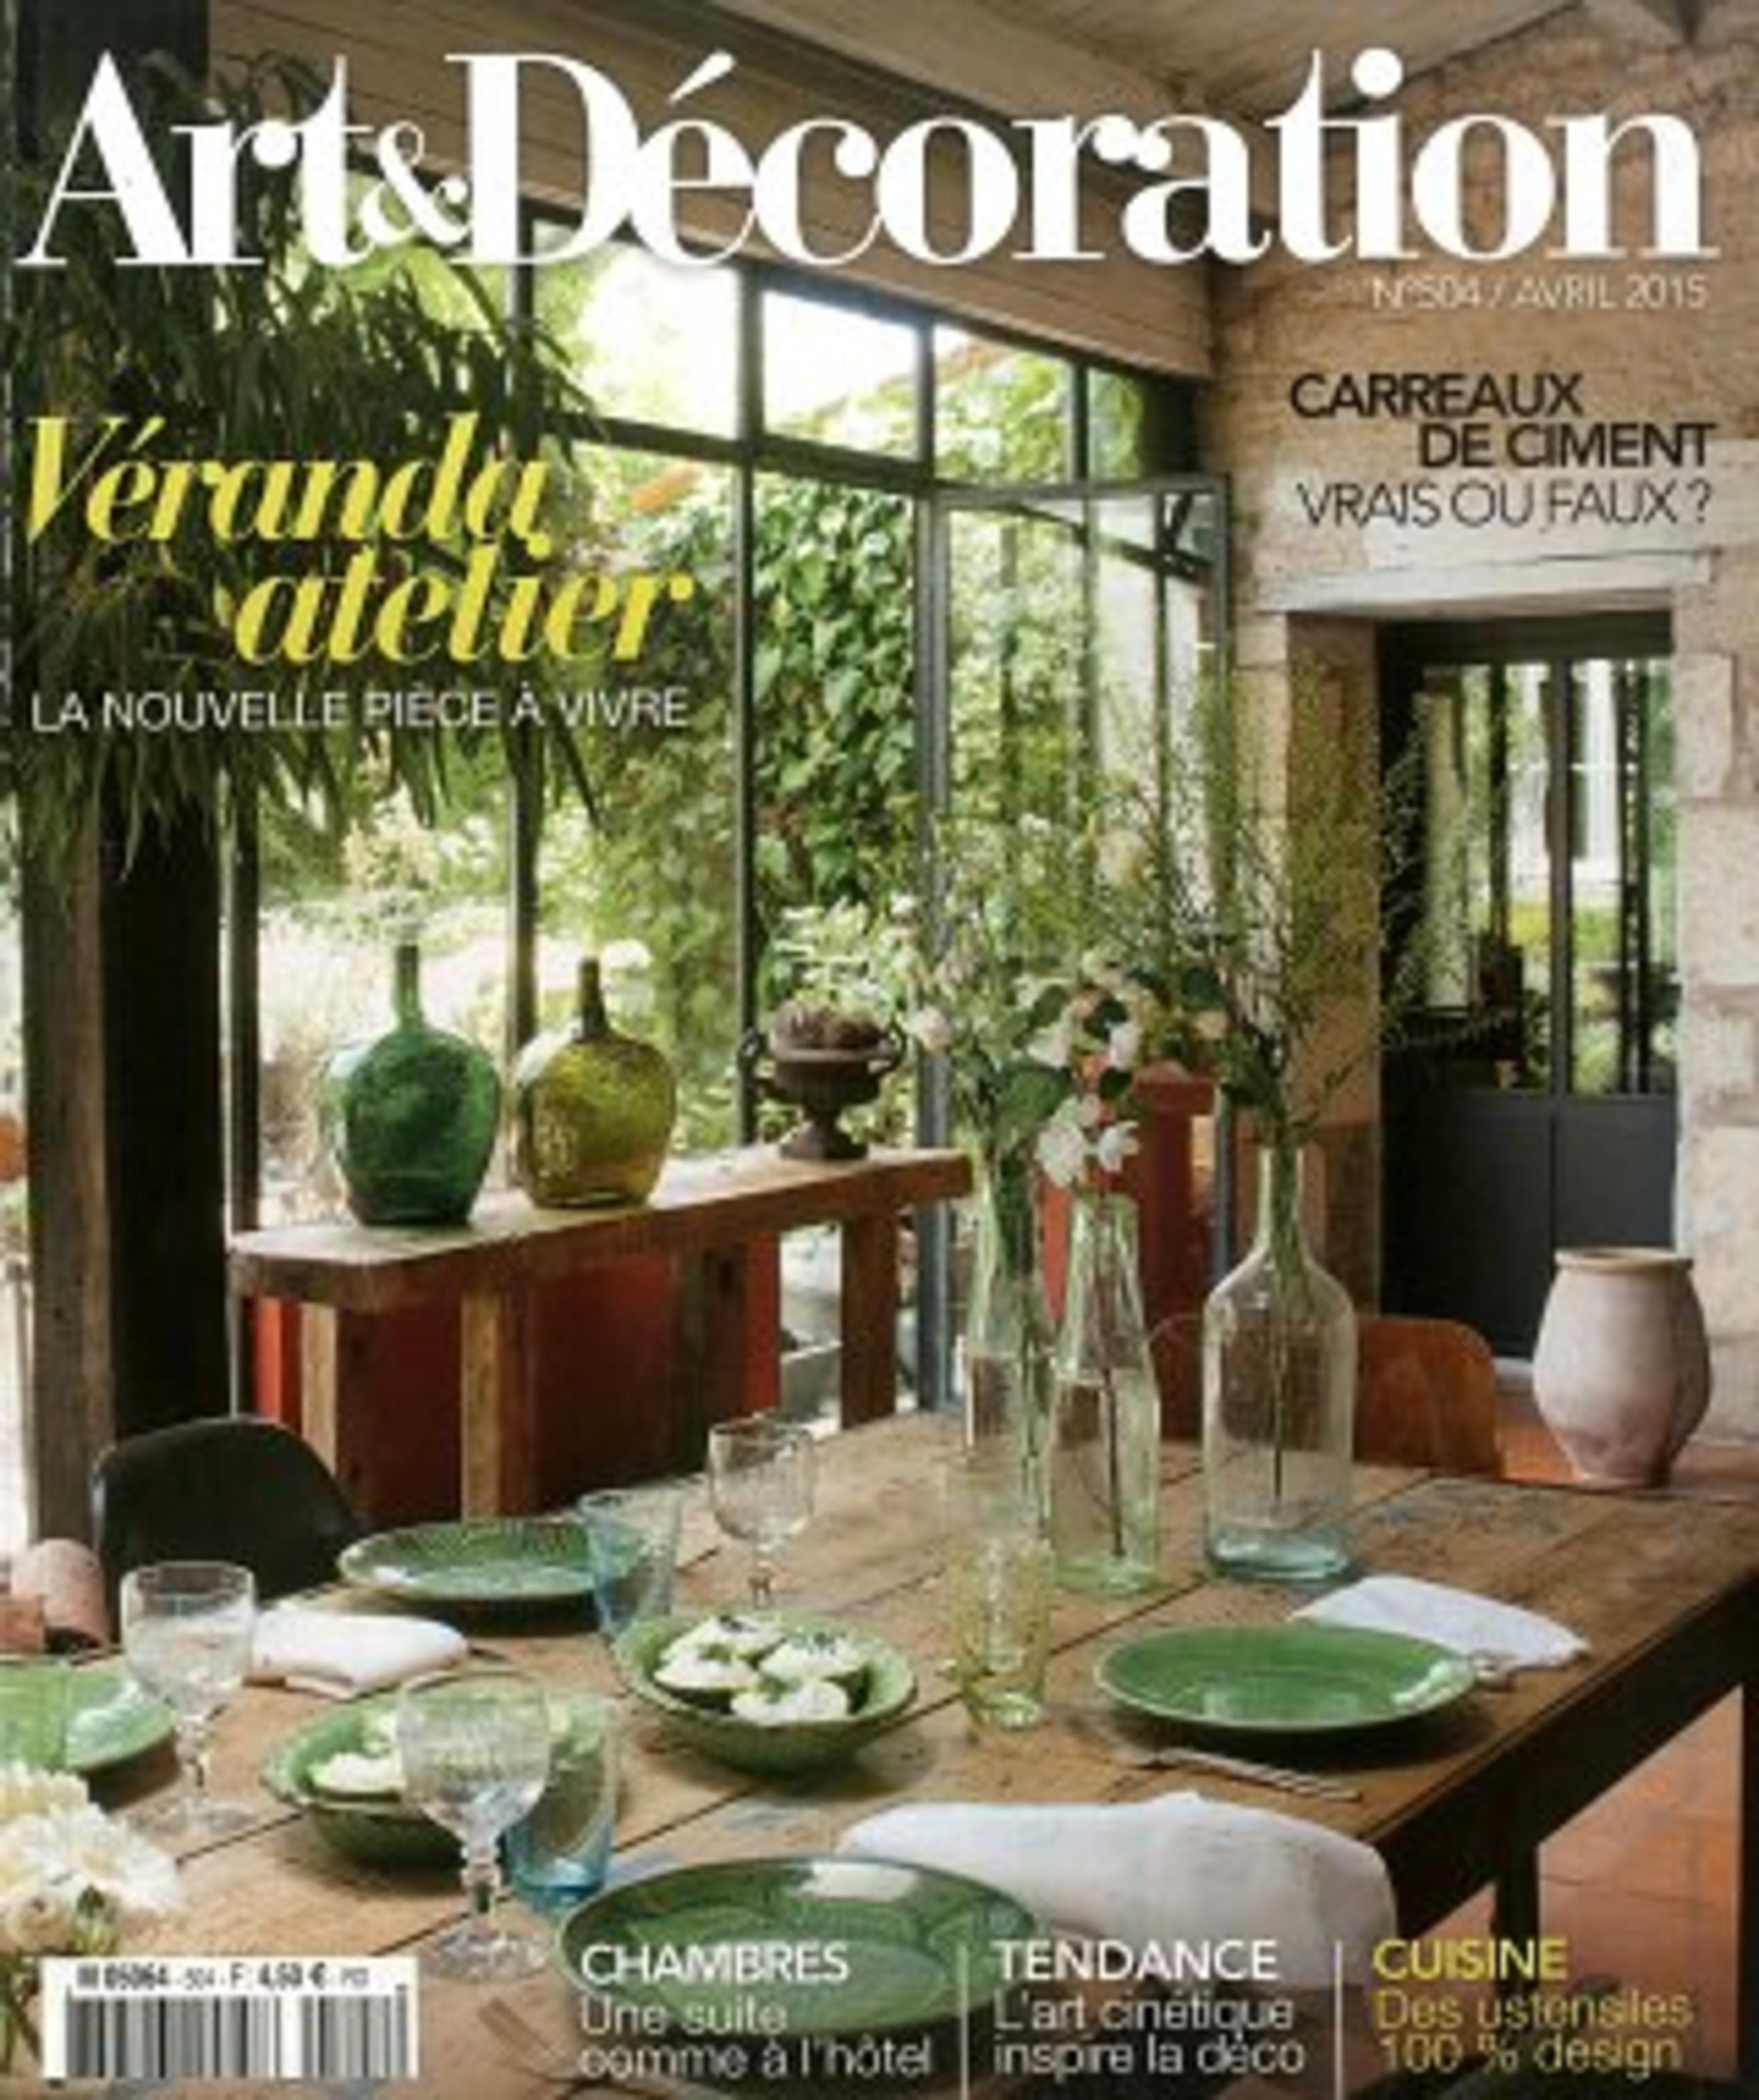 Magazine Art Et Décoration pradel jean dubost : olivewood pie server, art et décoration